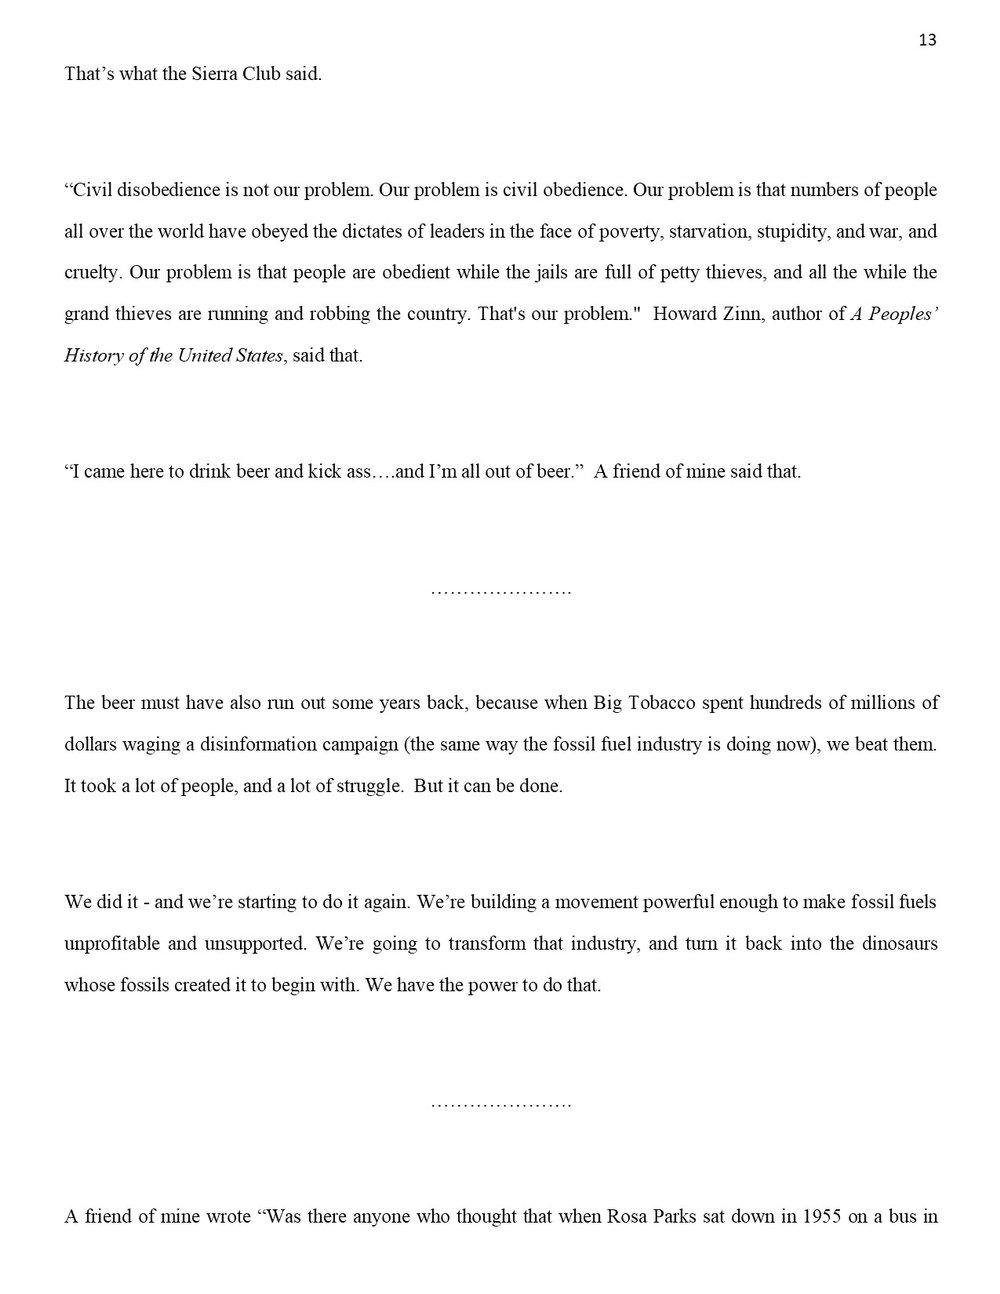 Story of a Hillside - Sabina Virgo (Prose, Essay)-13.jpg